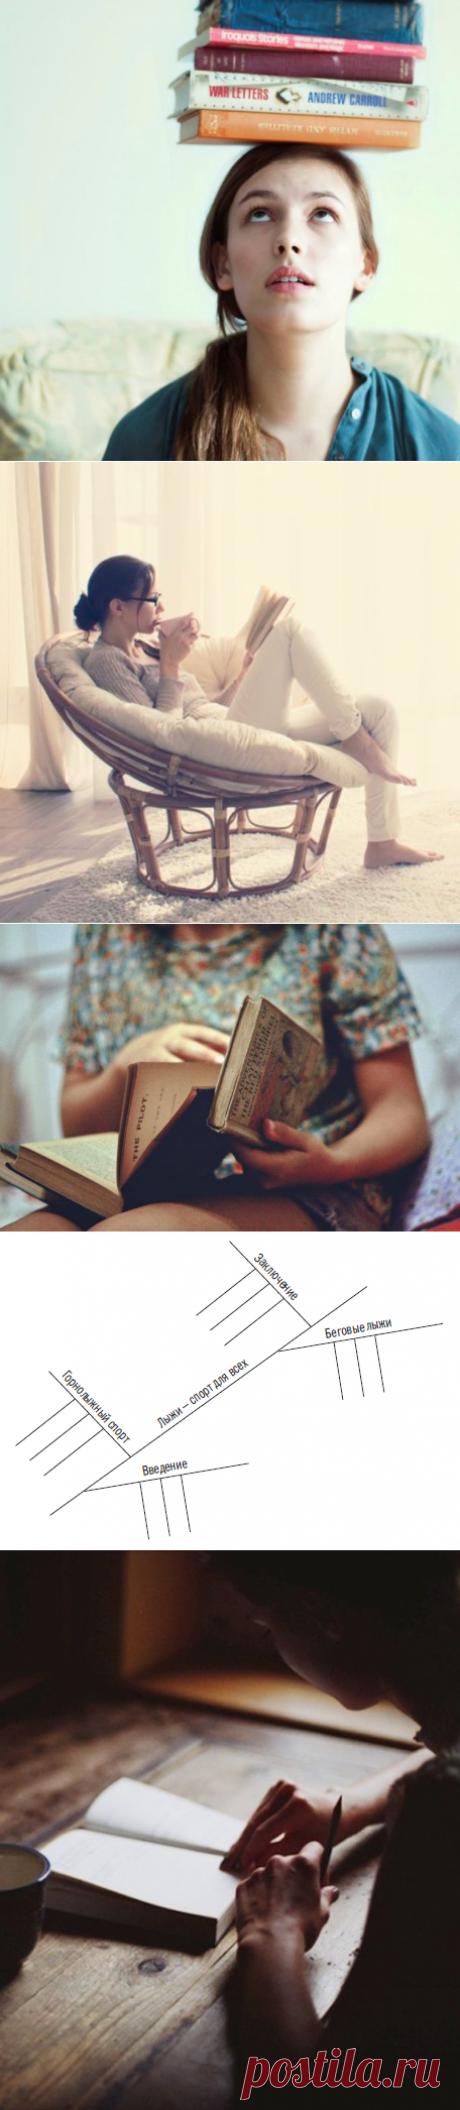 Как прокачать способность запоминать прочитанное